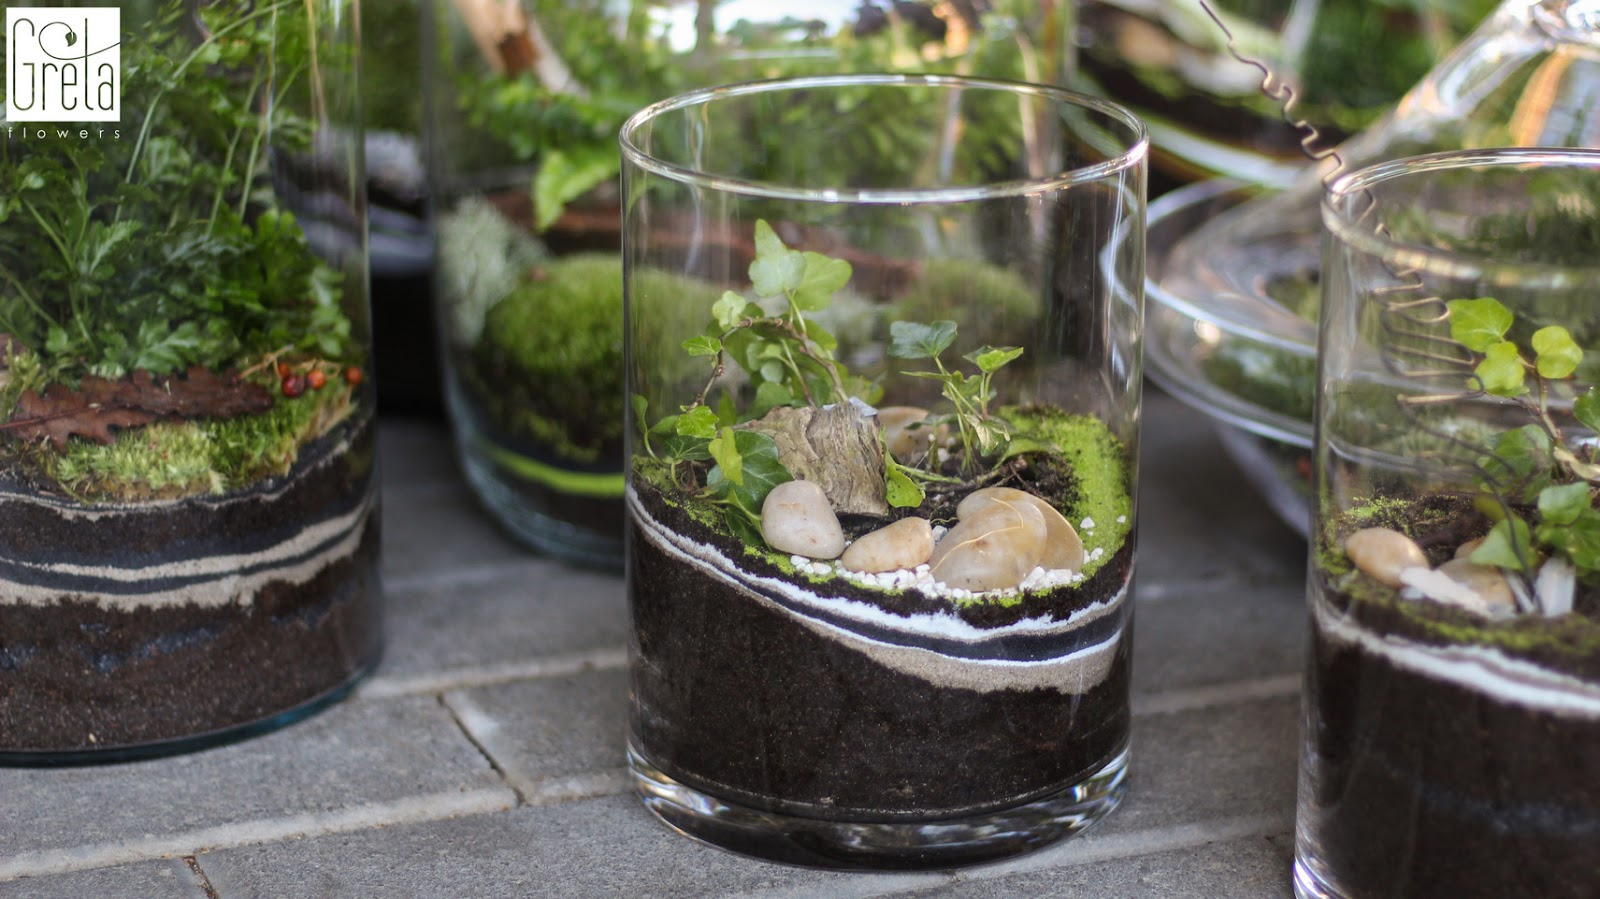 Las w słoiku, czyli jak uprawiać rośliny w szkle